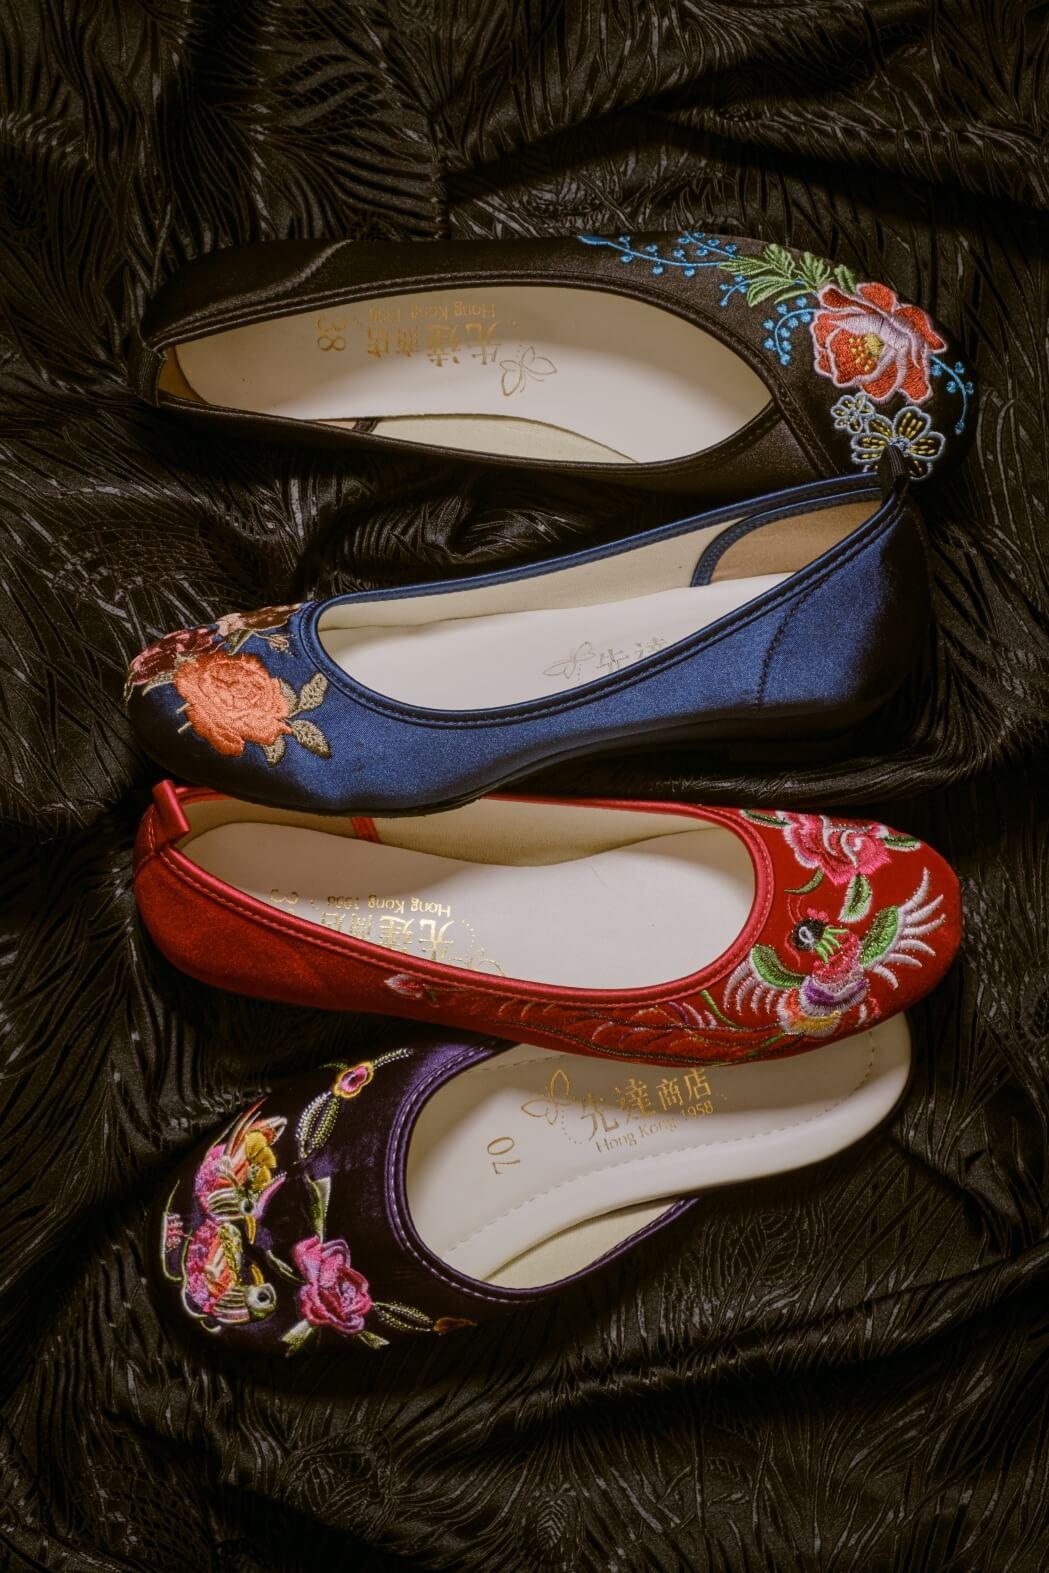 女鞋圖案分五大類:花、鳥、蟲、魚和瑞獸,自唐代起至晚清,都是太太們的摯愛。